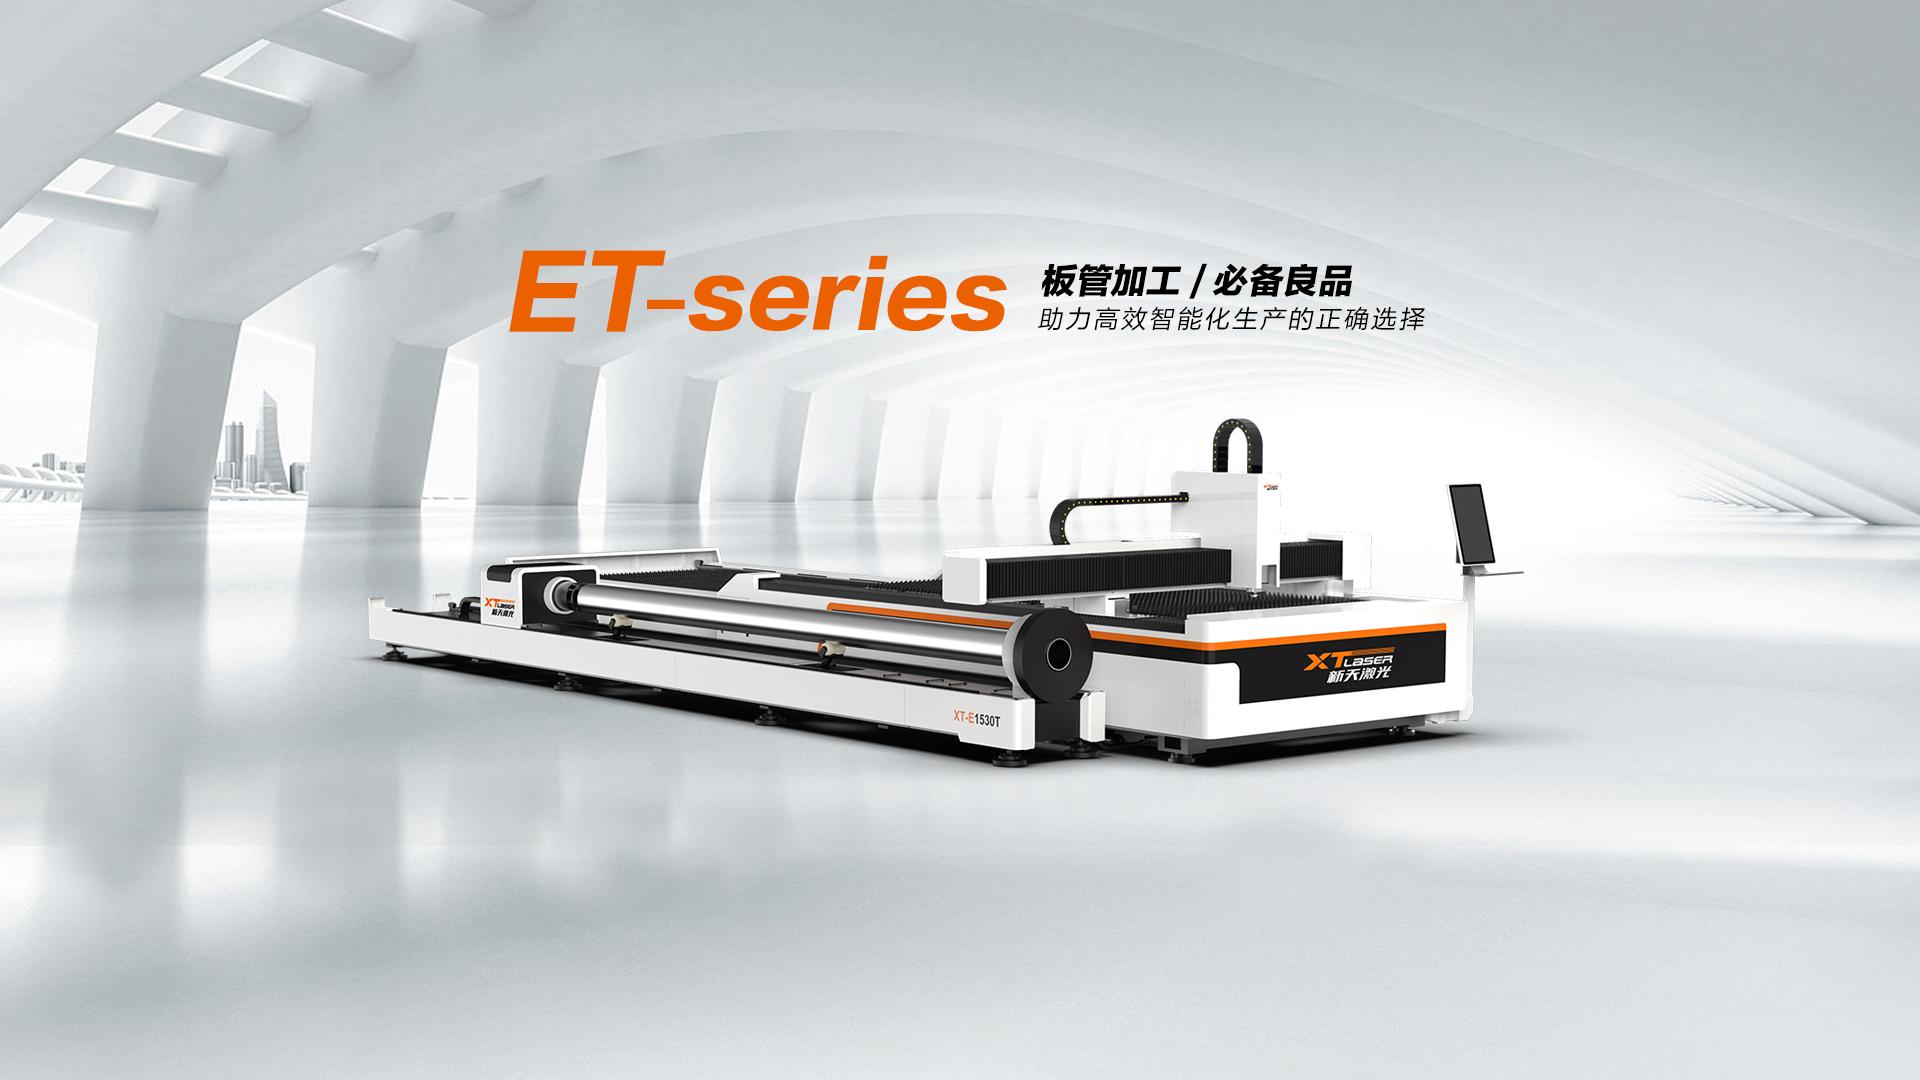 江苏体彩网中心-ET1